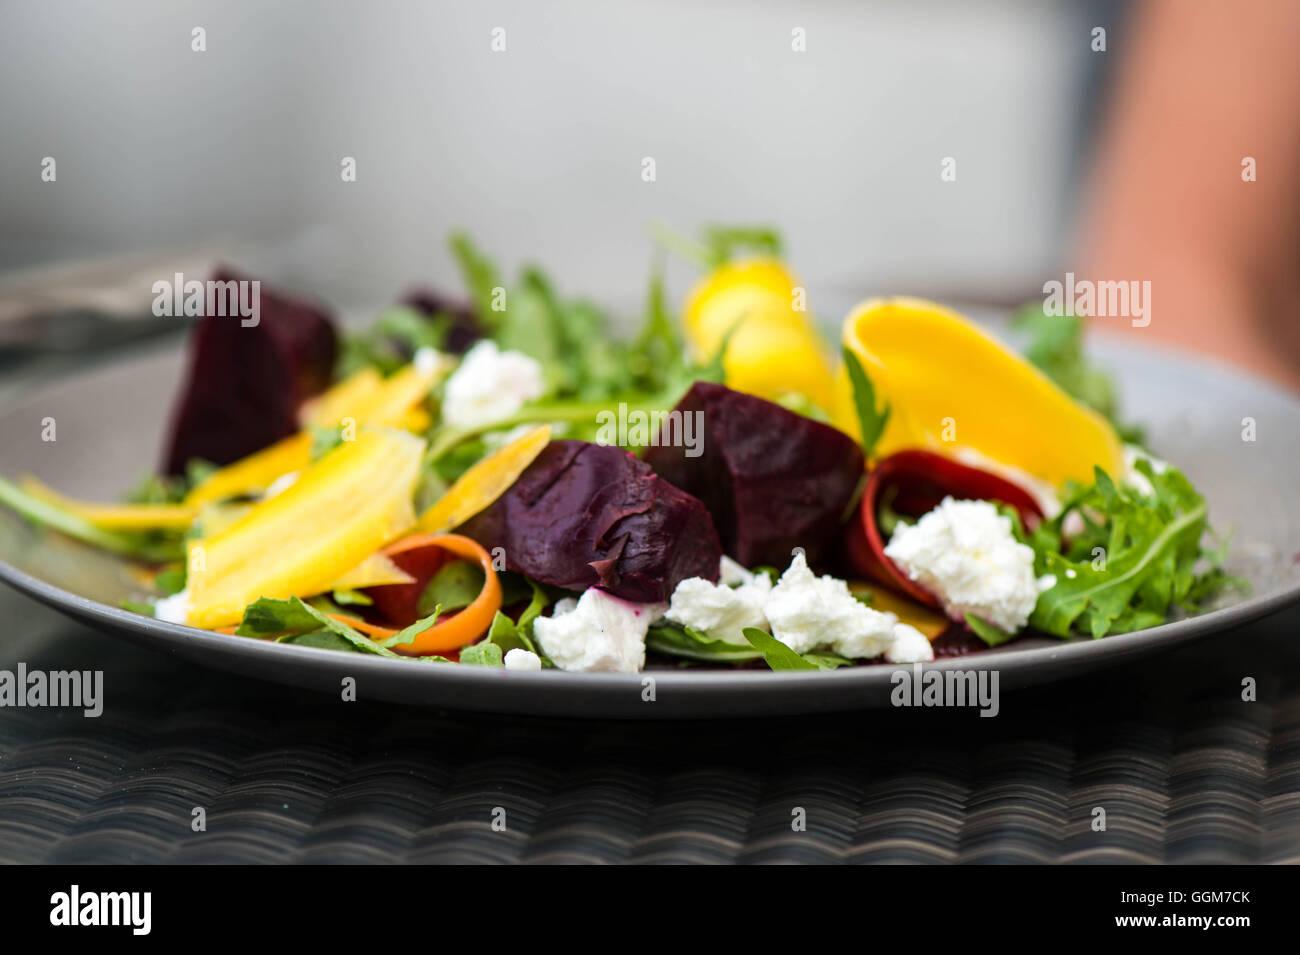 Vegetariano misto pasto Insalata con formaggio di capra Immagini Stock